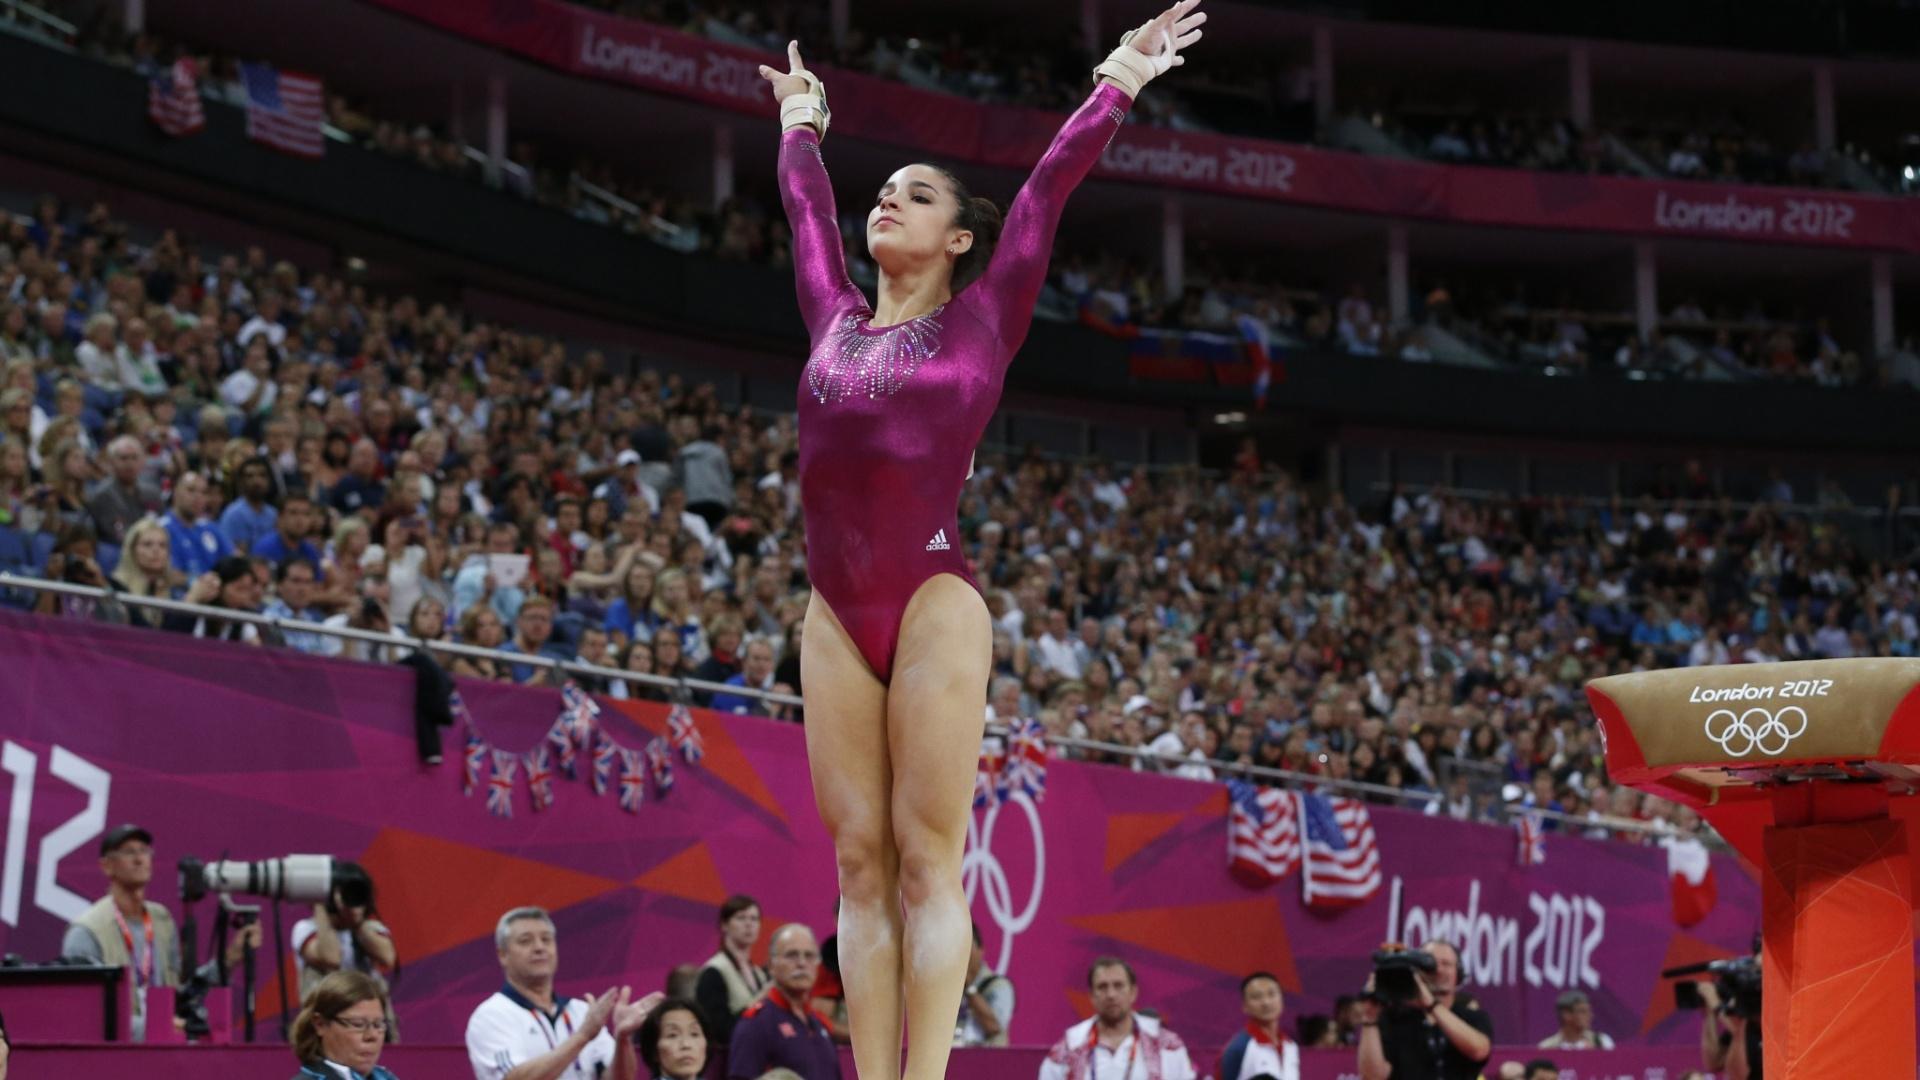 Norte-americana Alexandra Raisman faz boa aterrissagem após seu salto na final individual geral da ginástica artística